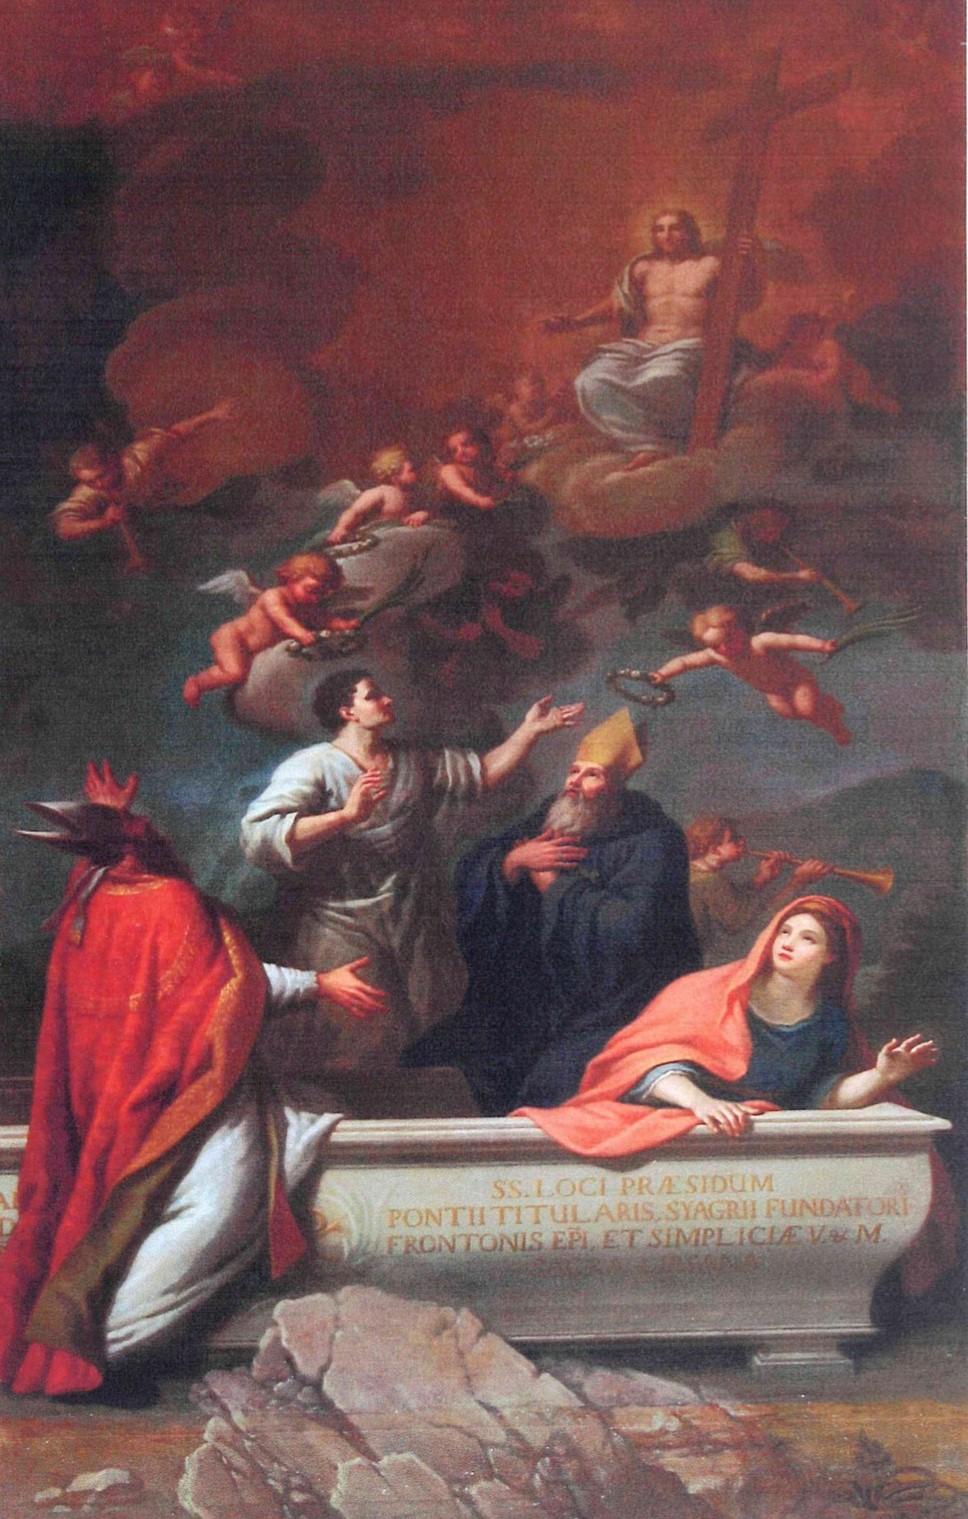 Tableau, cadre : Saint Pons, saint Front, sainte Simplicie et saint Syagre, avec le Christ dans les nuées